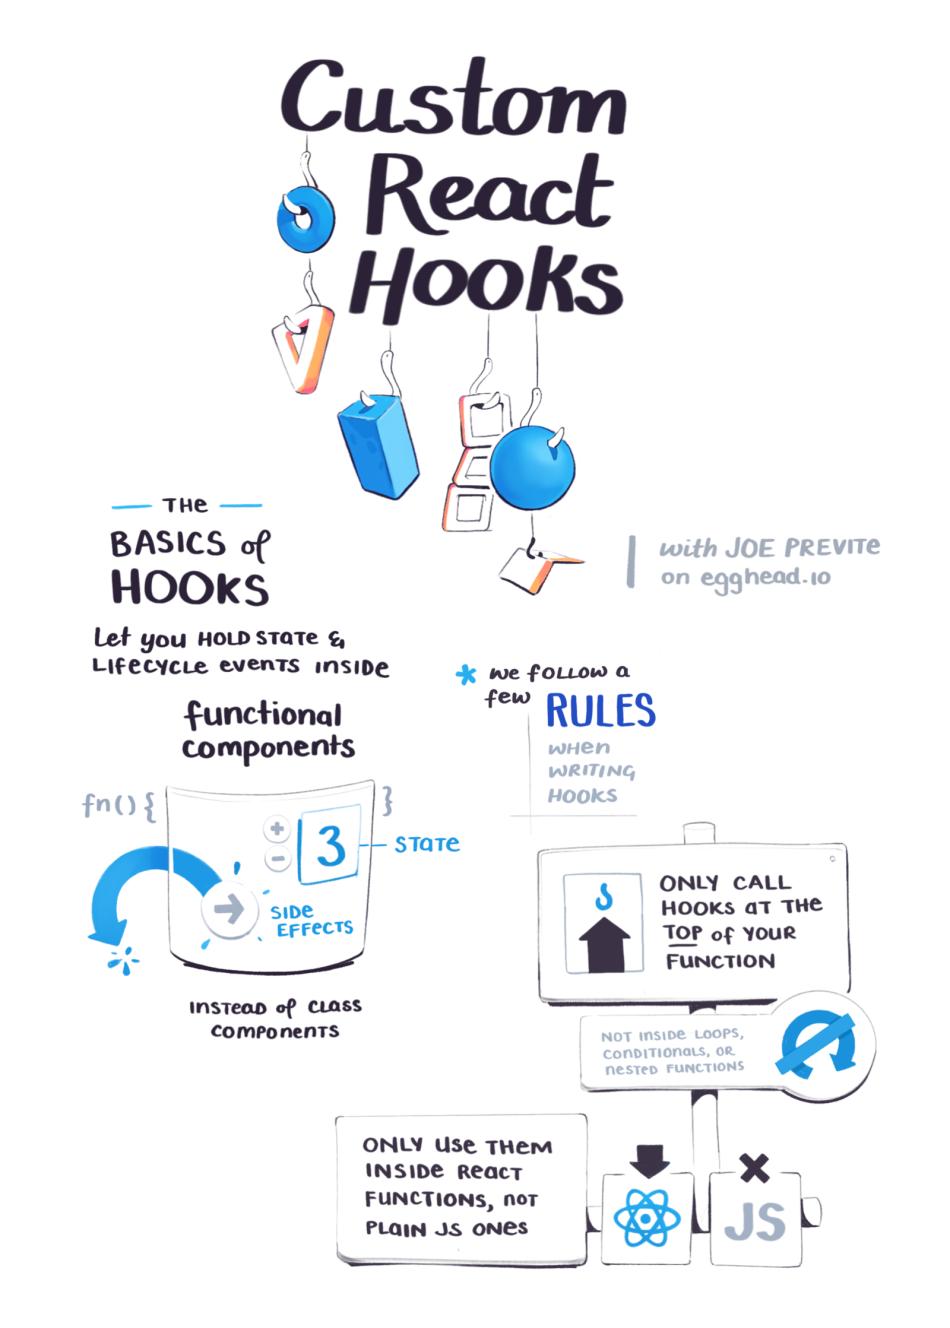 Making shareable custom react hooks